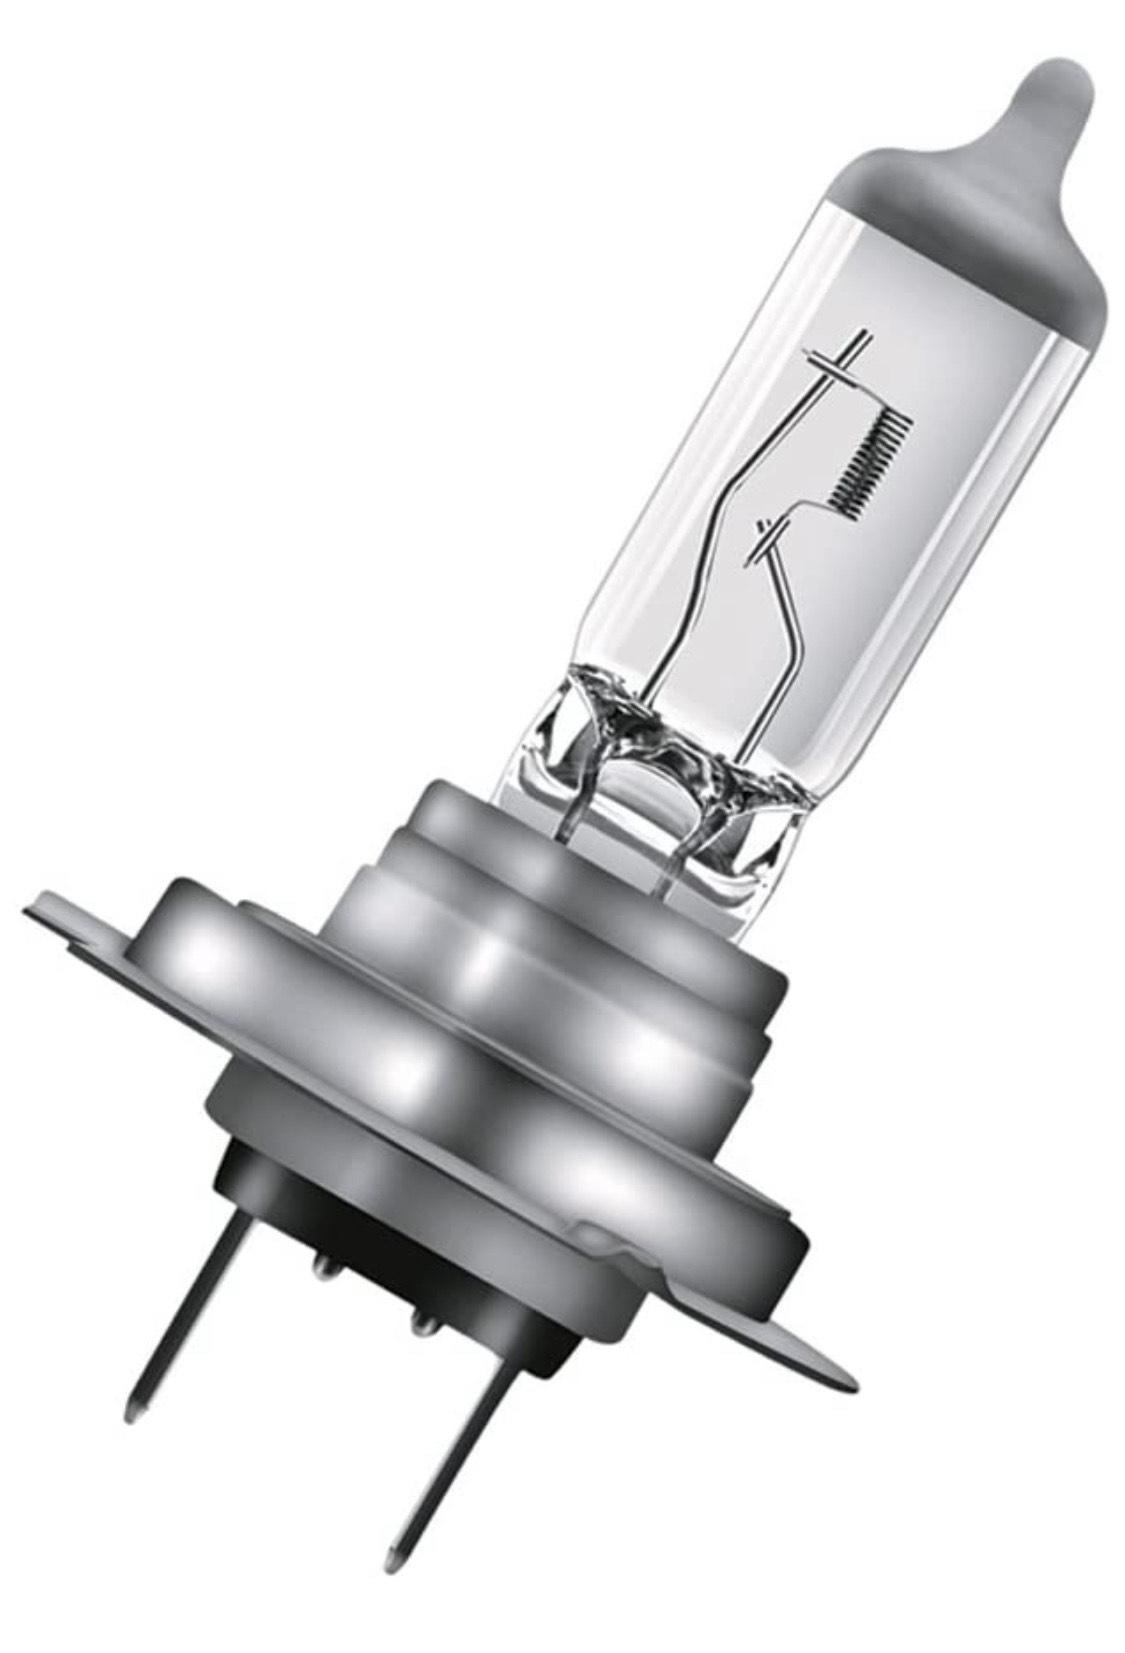 [Prime] Osram H7 Standard Lampe (zahlreiche weitere KFZ-Lampen reduziert)